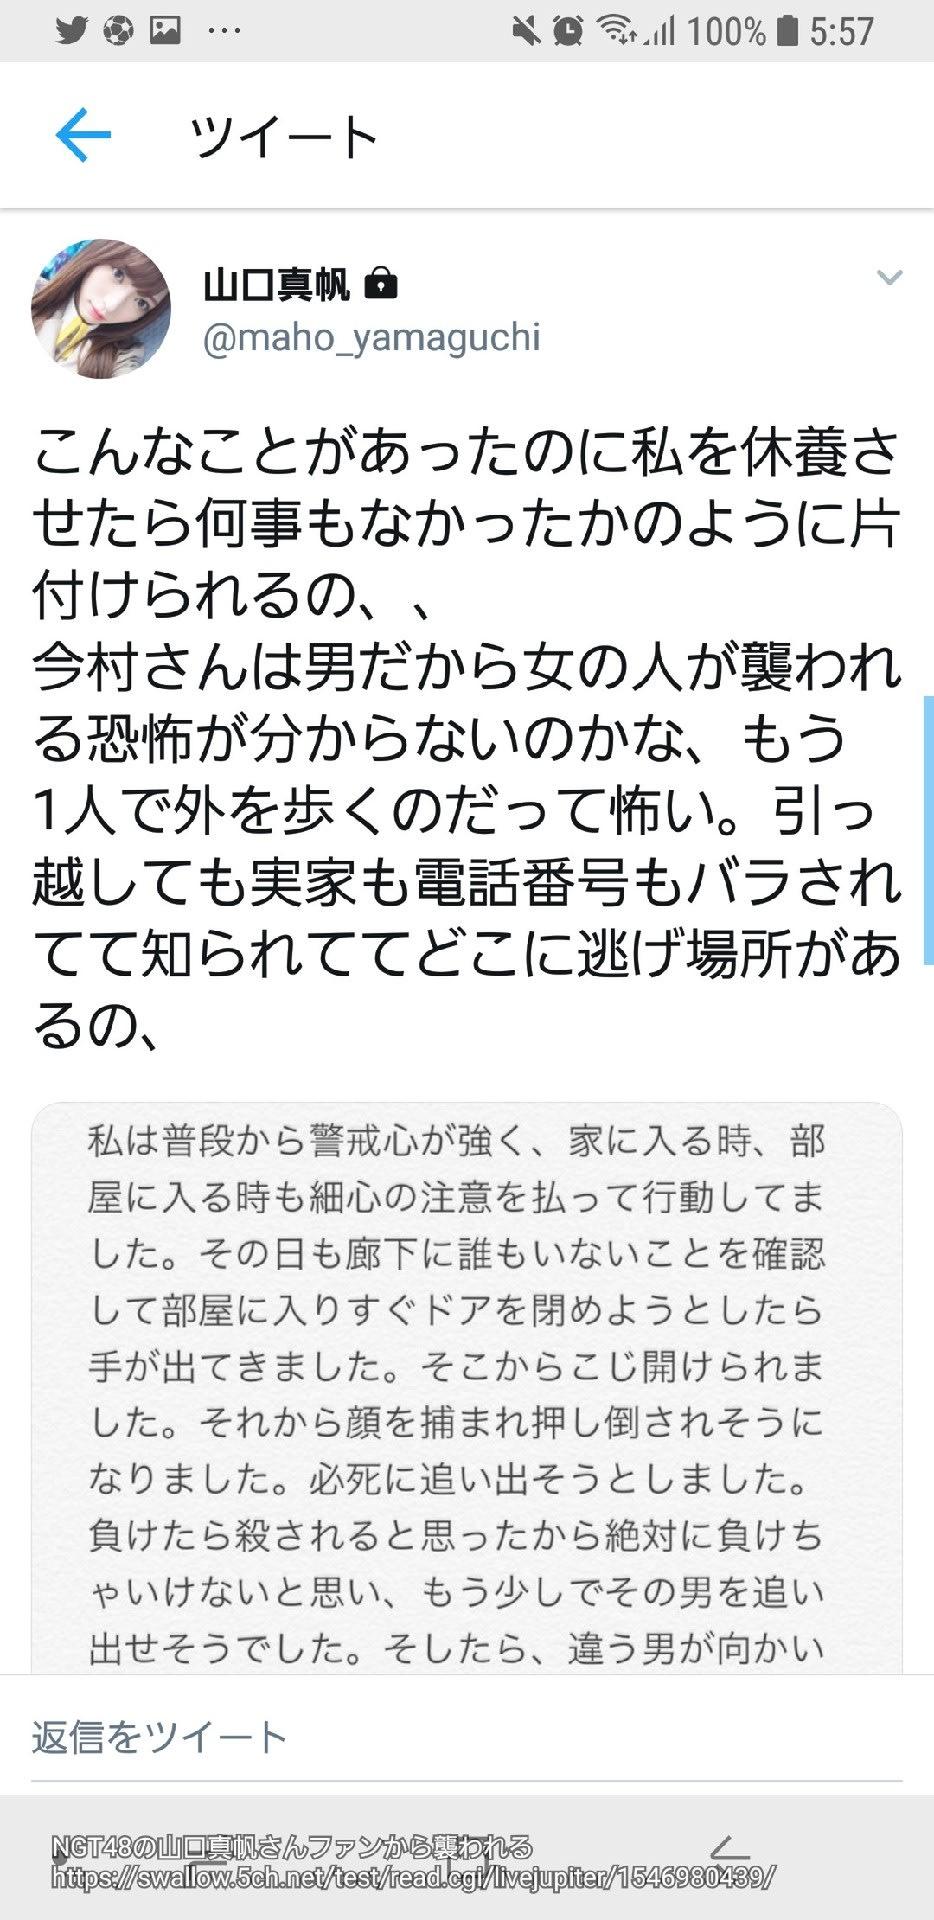 http://blogimg.goo.ne.jp/user_image/05/27/ec3a839a818e24bba5f0d3d947169b77.jpg